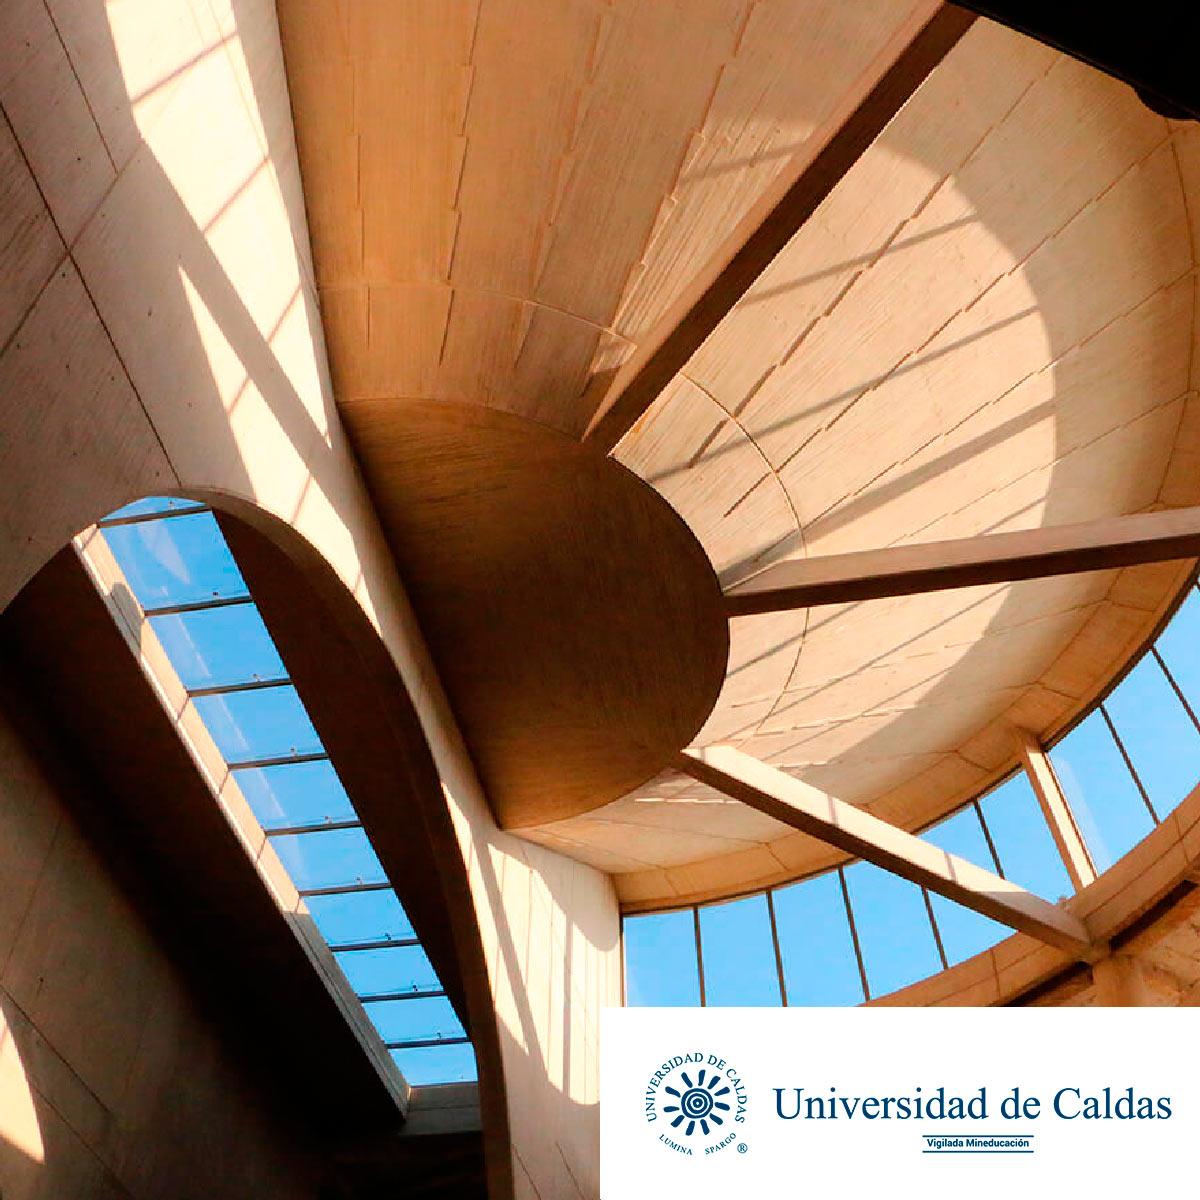 Universidad de Caldas (UCaldas)